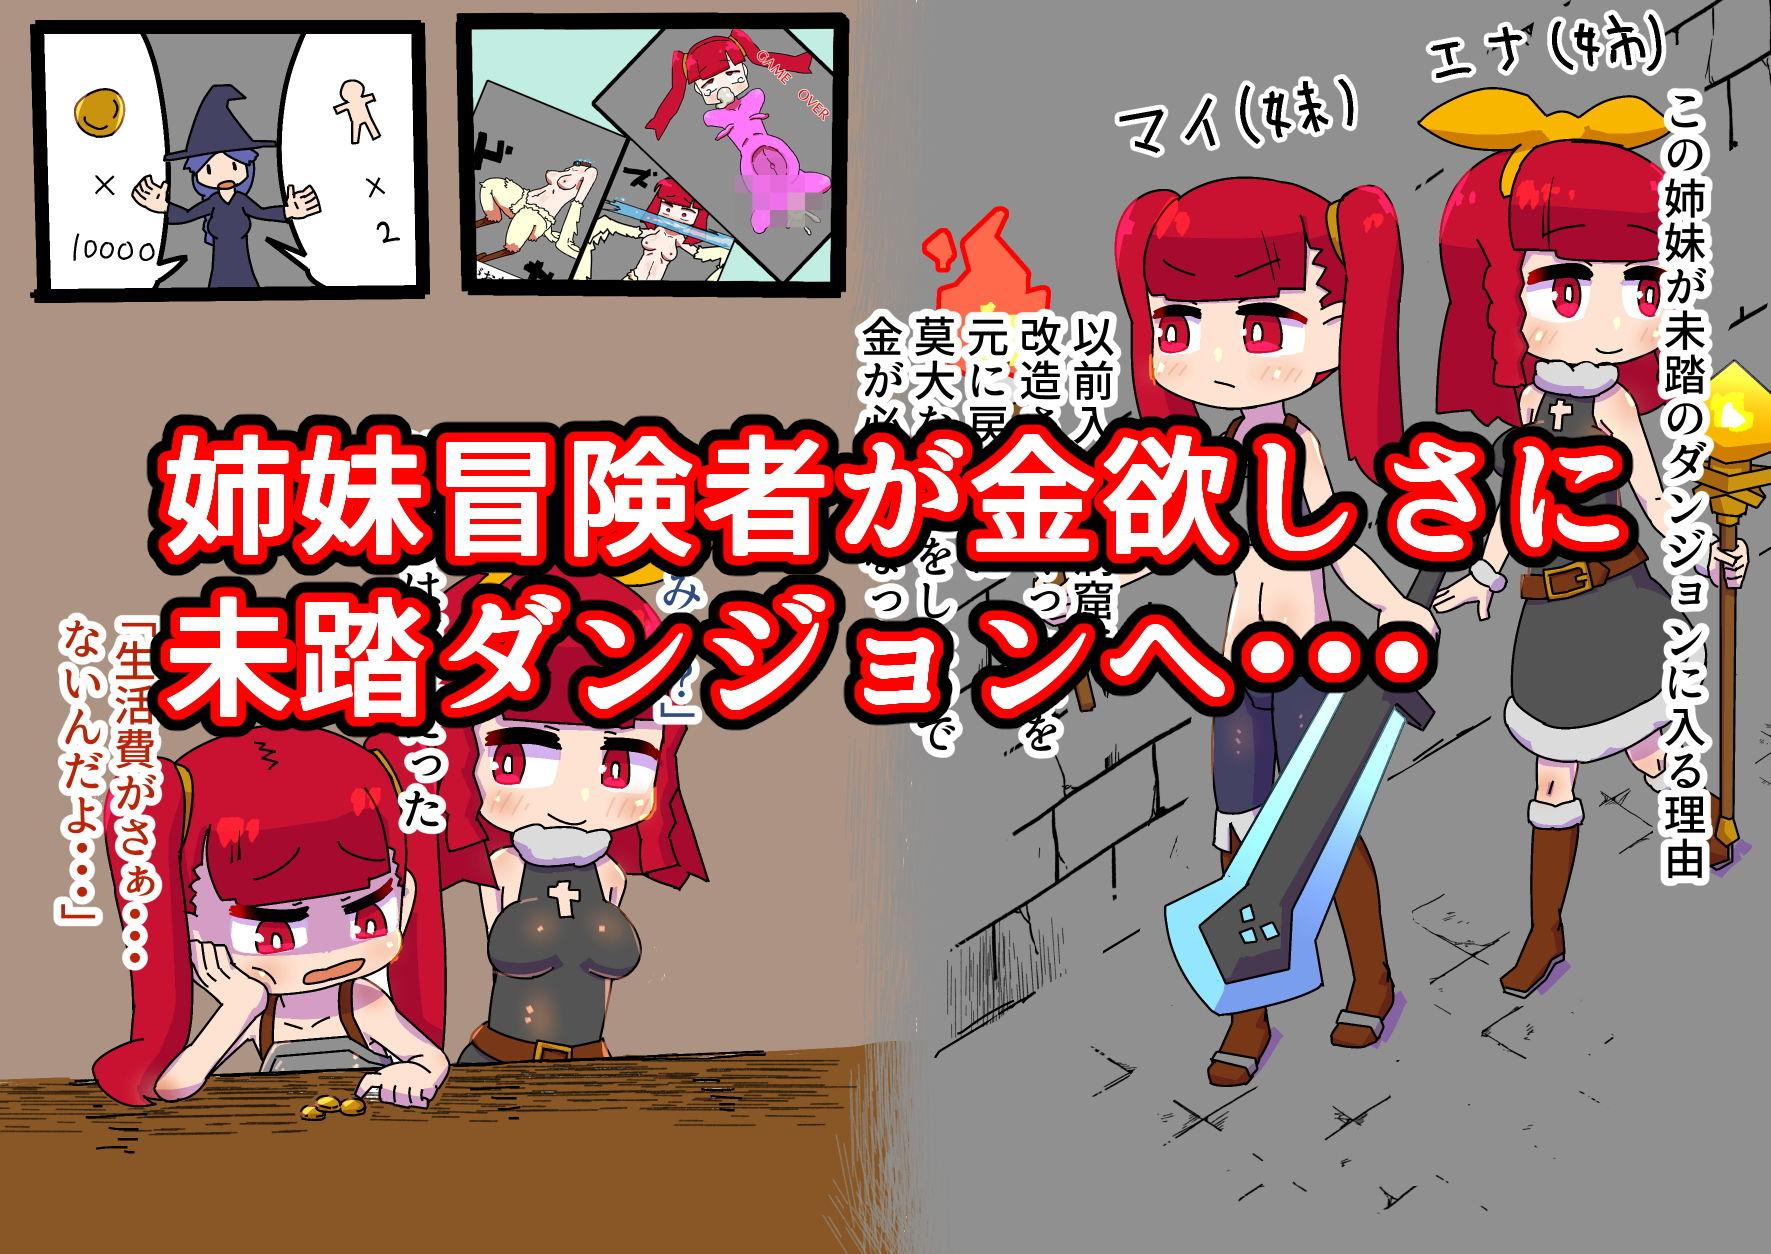 Re:姉妹冒険者が挑むエロトラップダンジョン エロ画像